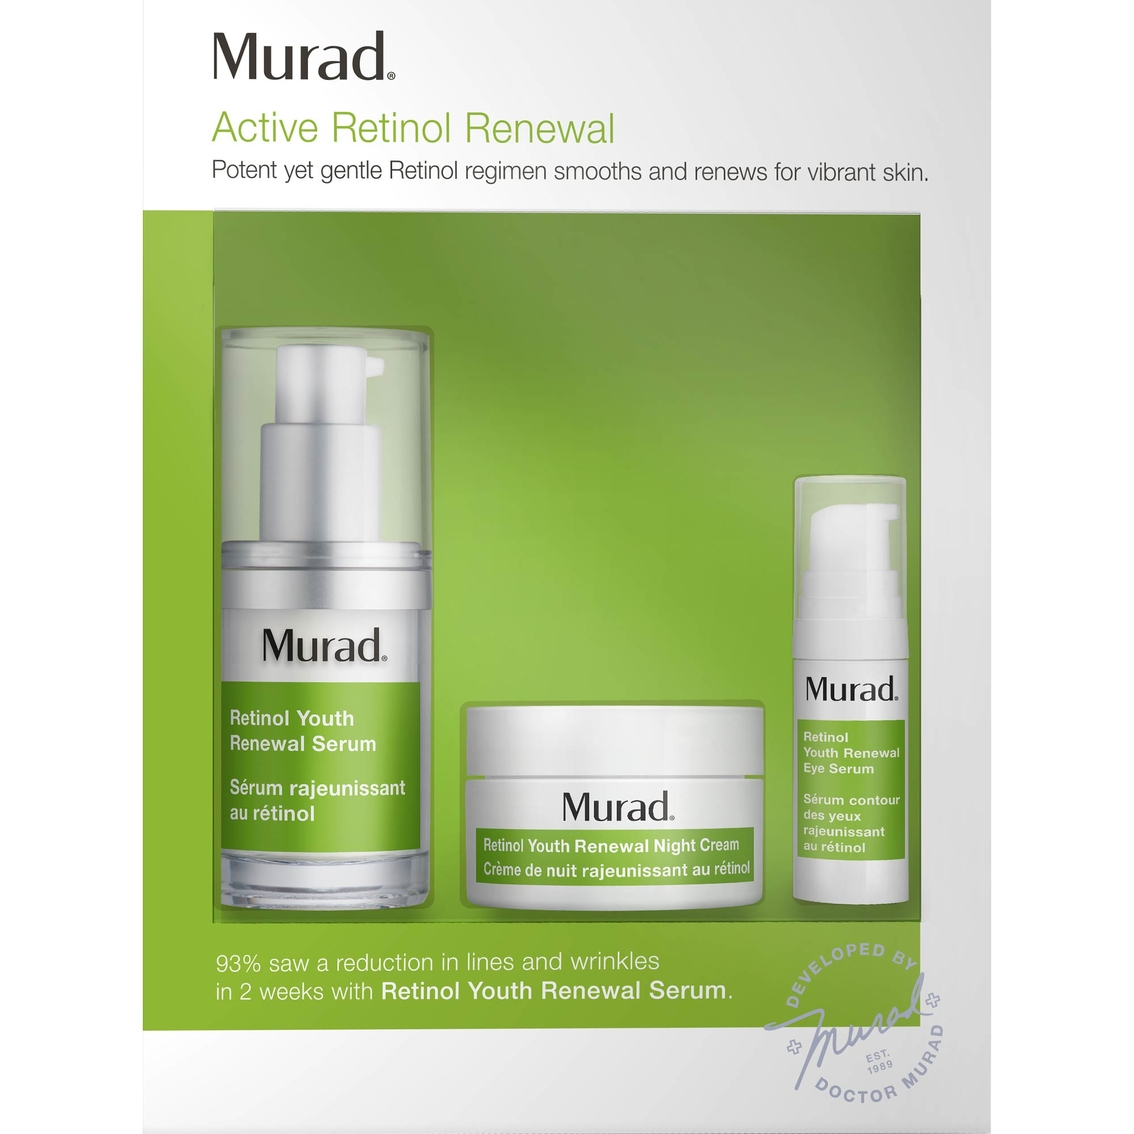 Murad Active Retinol Renewal Kit | Anti-aging Treatment